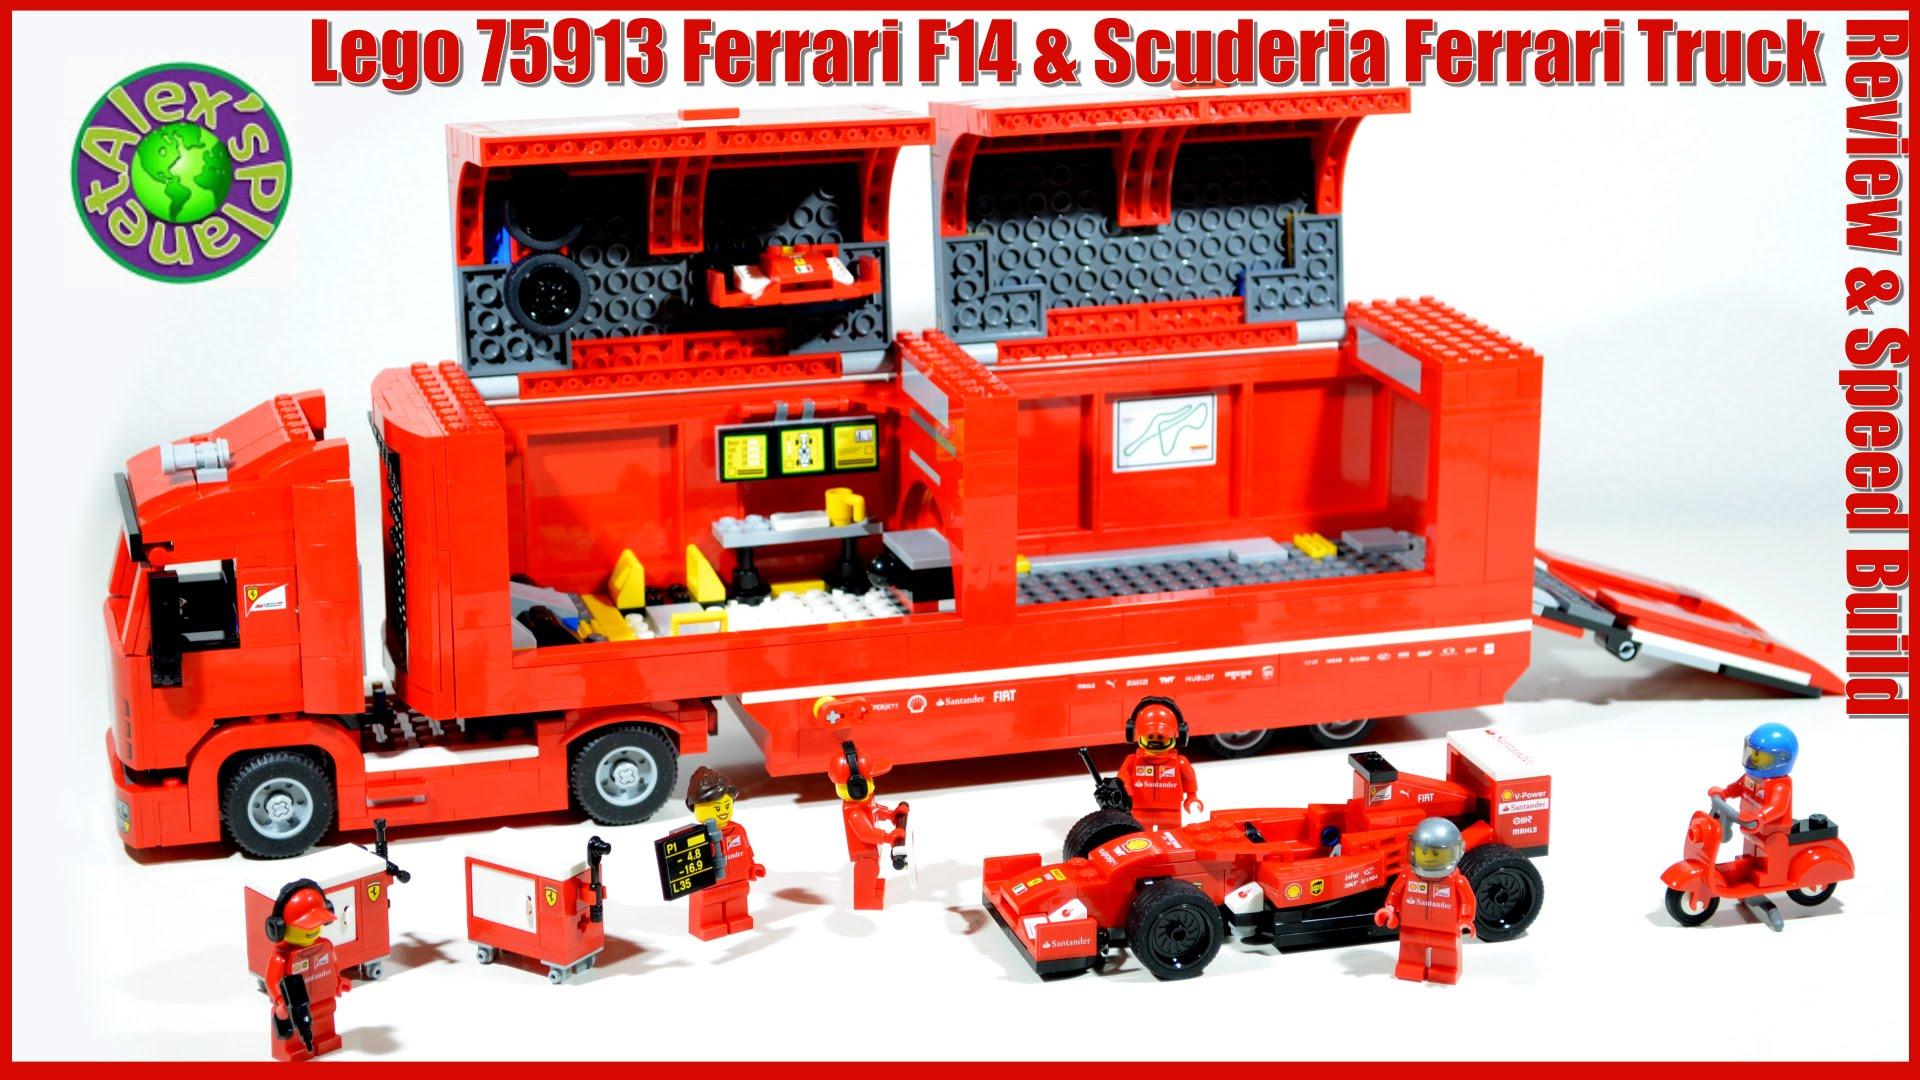 Lego Speed Champions 75913 Ferrari F14 & Scuderia Ferrari Truck Review & Speed Build, Unboxing